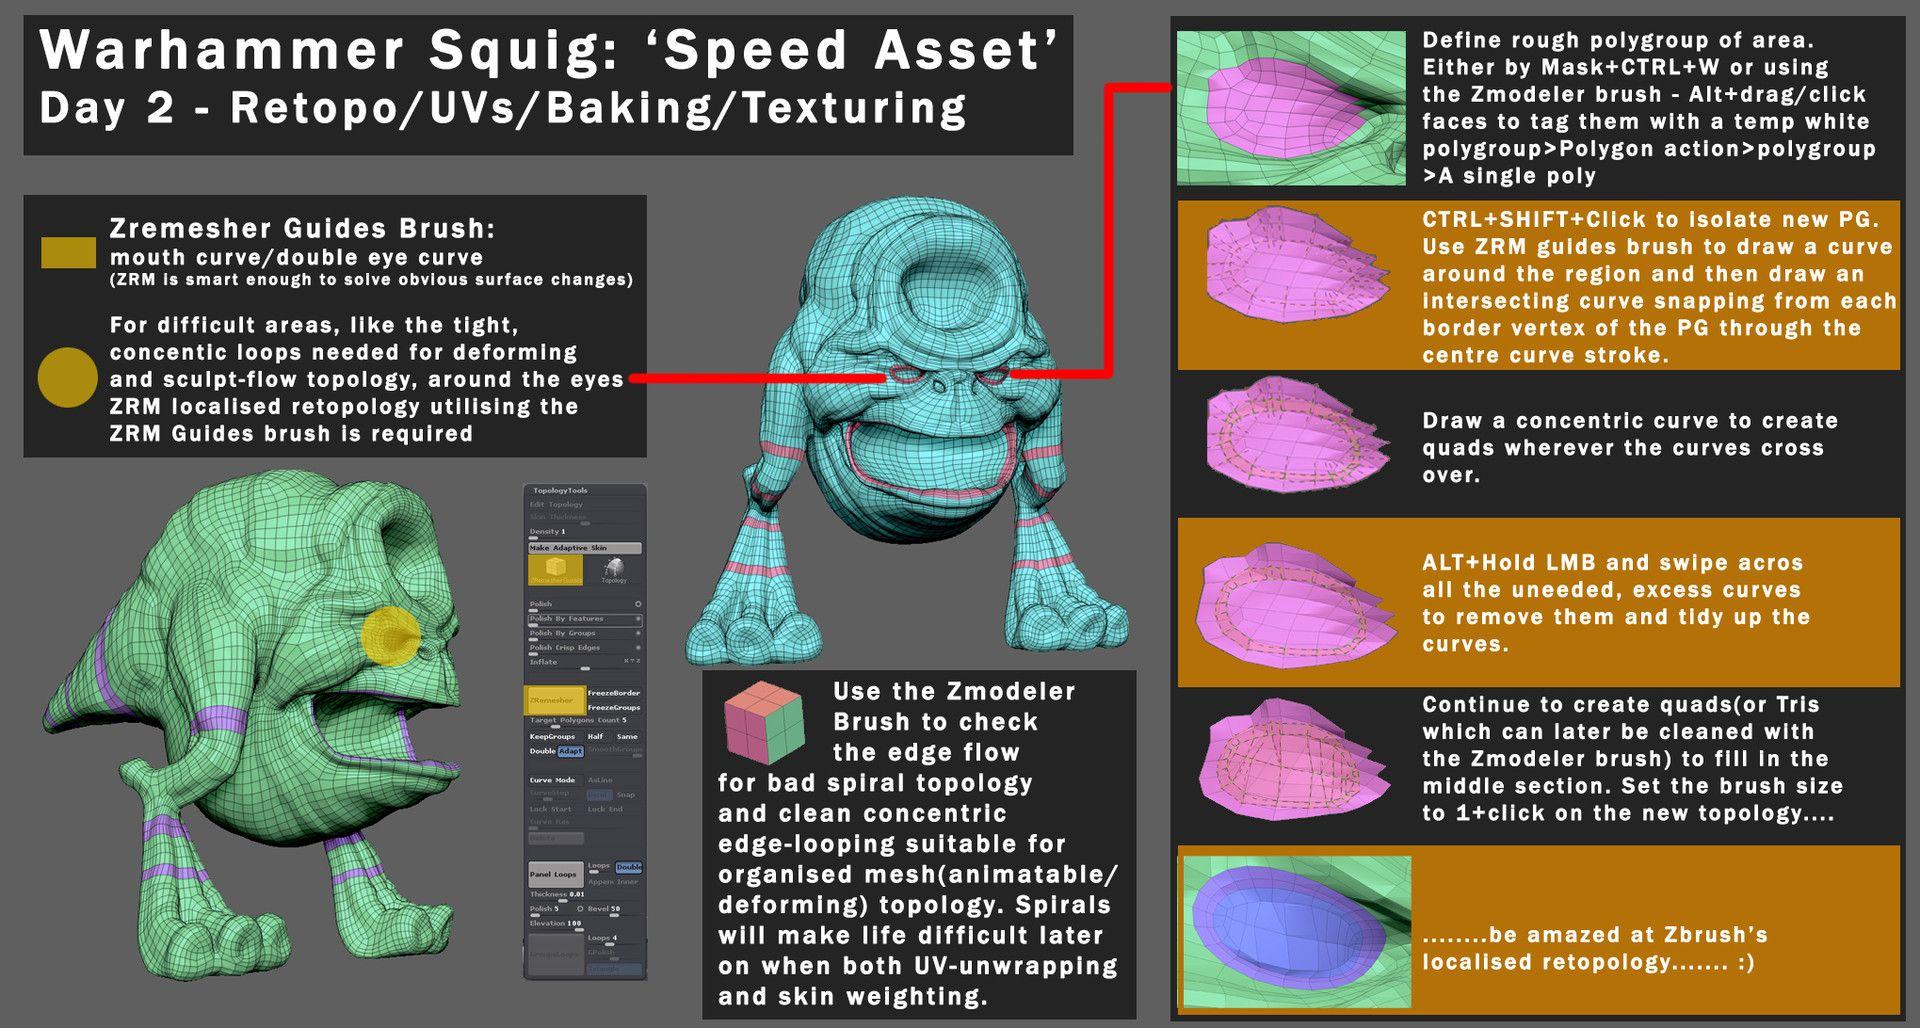 ArtStation - Warhammer Squig 'speed asset'(3-day challenge